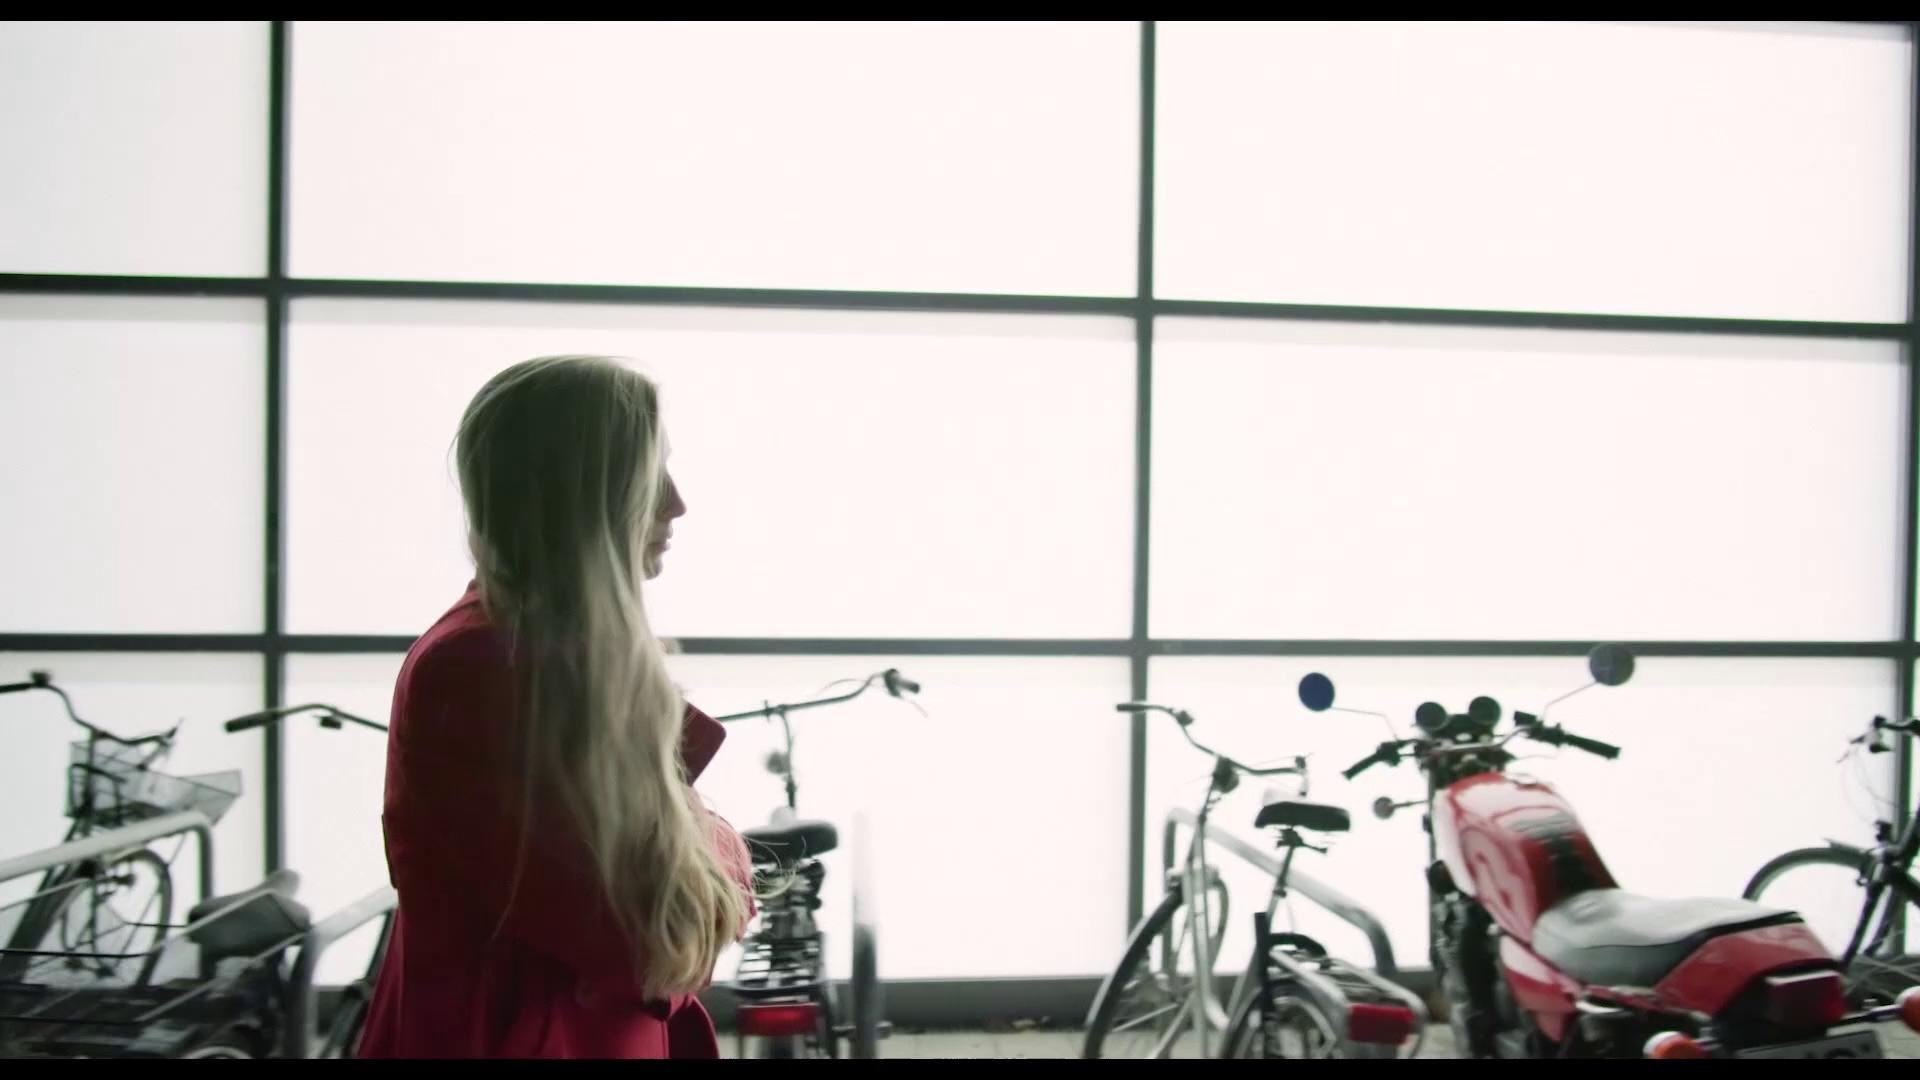 Vidoe: ASS Video Leverkusen